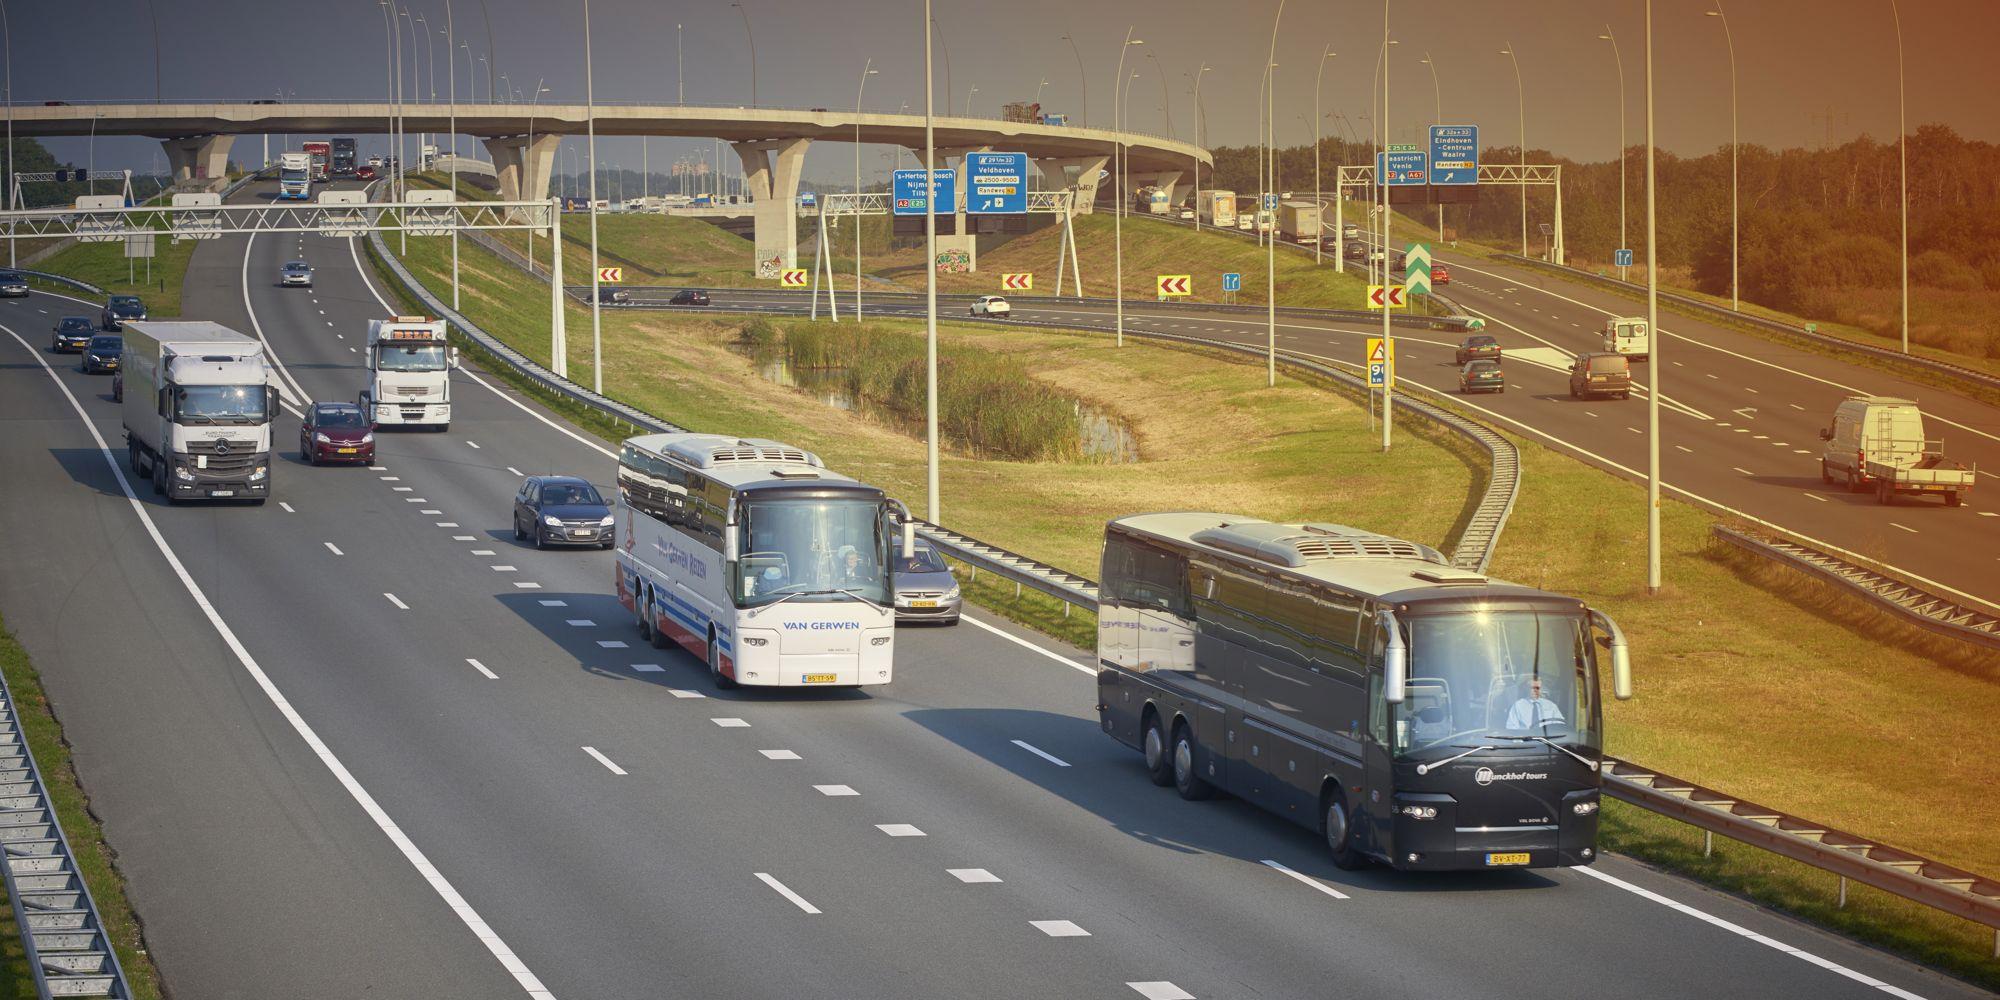 bussen Van Gerwen Munckhof